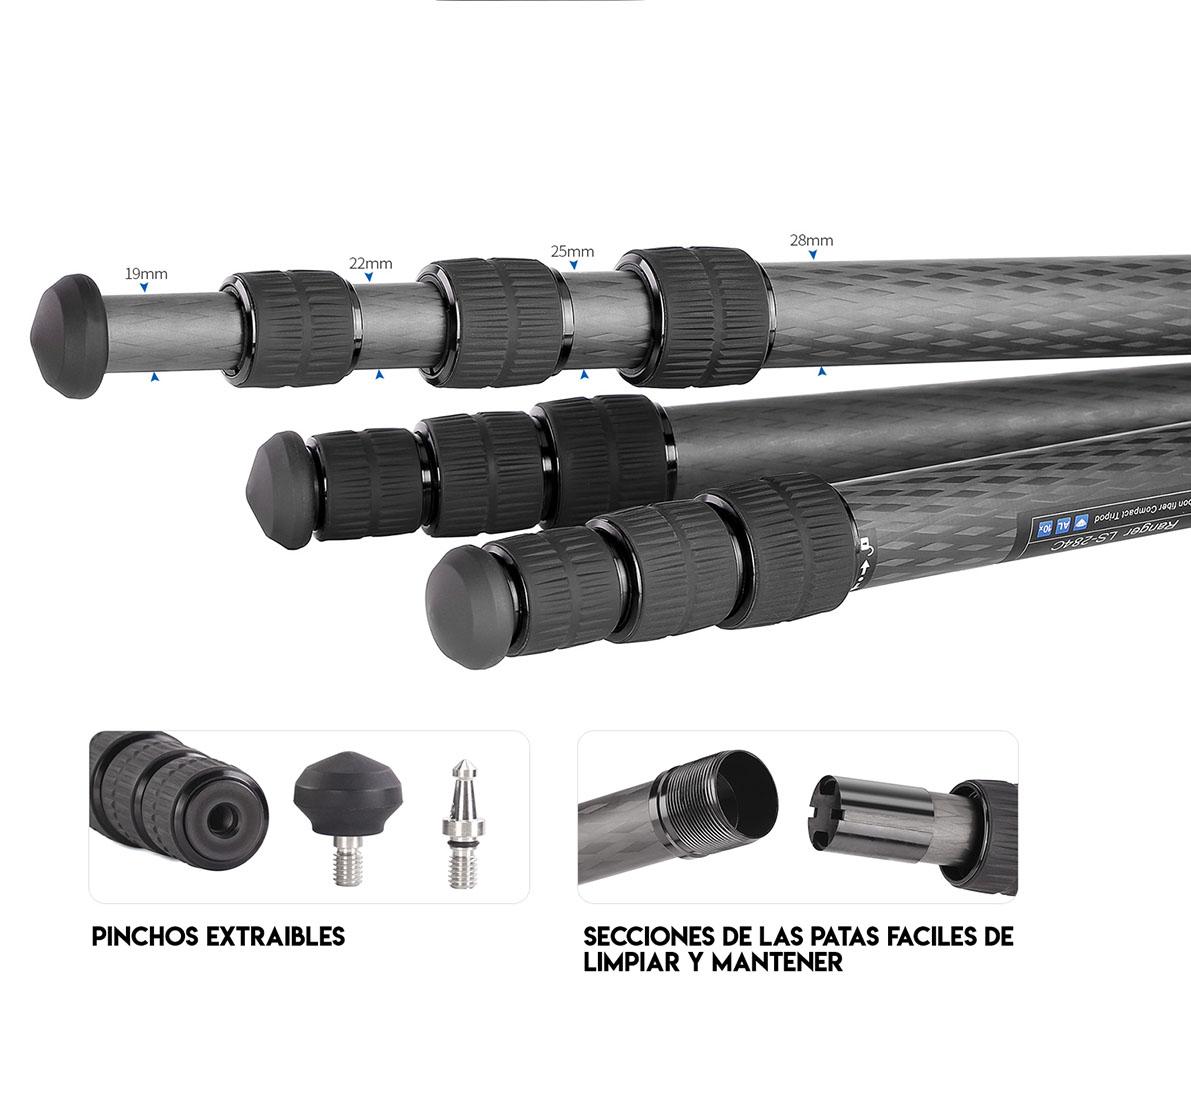 LS-284c-secciones de las patas